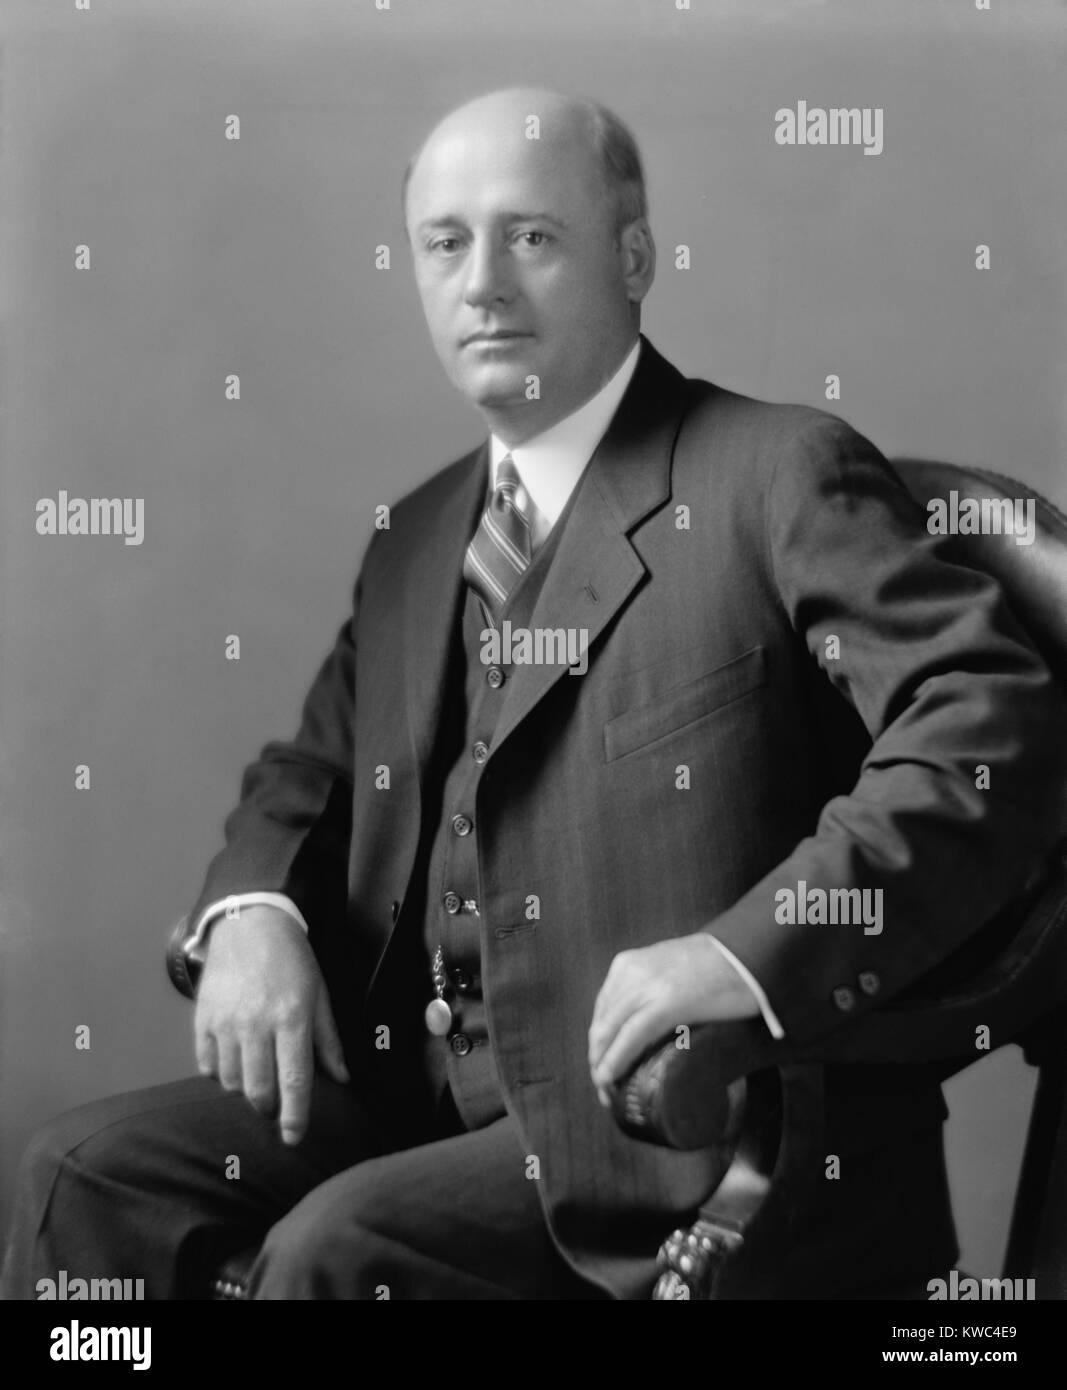 El Congresista Sam Rayburn en la década de 1920. Representó a 4º distrito de Texas desde 1913 hasta 1961. Diecisiete Foto de stock